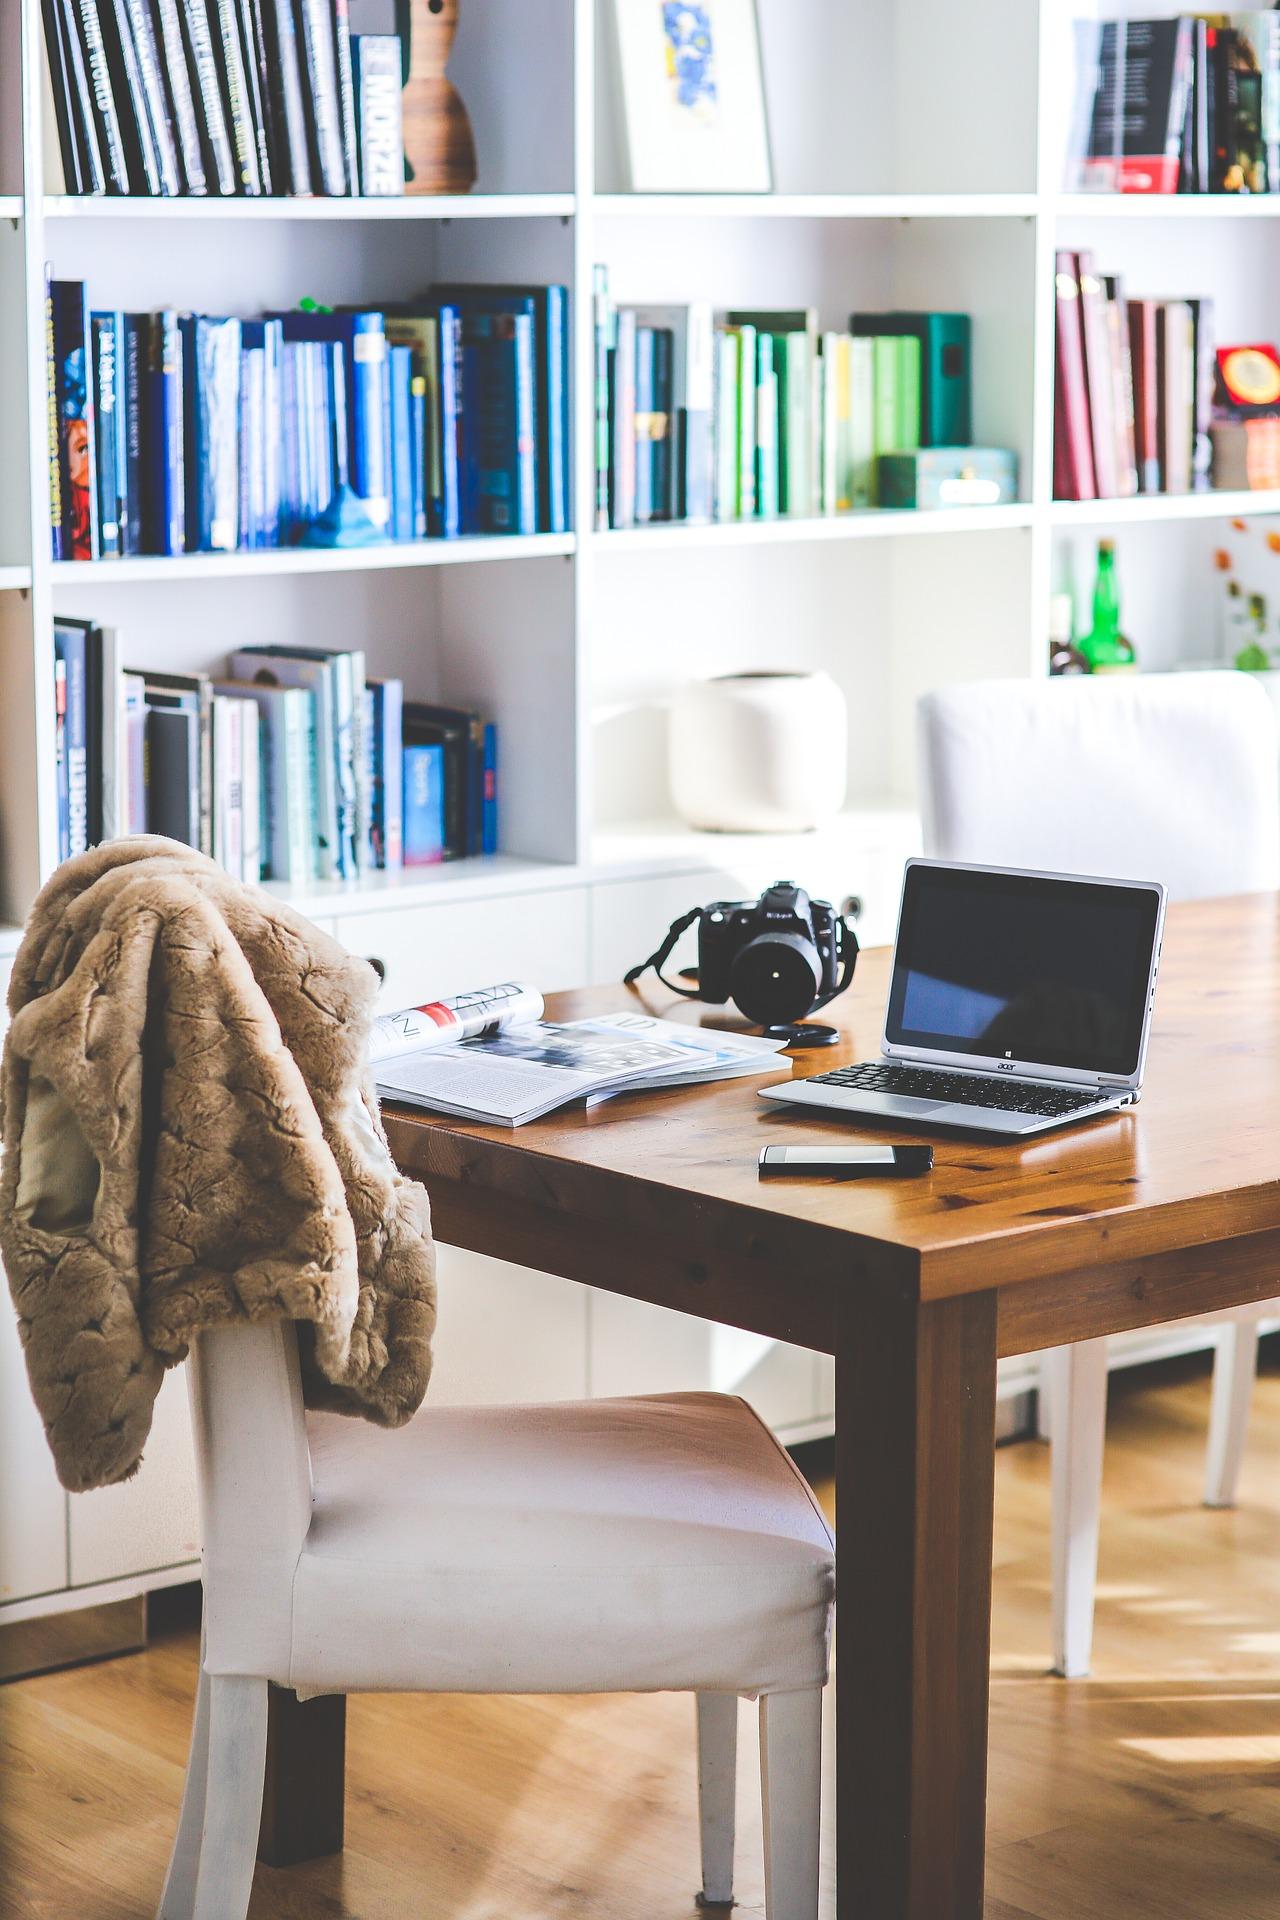 Mesa de escritório e estante